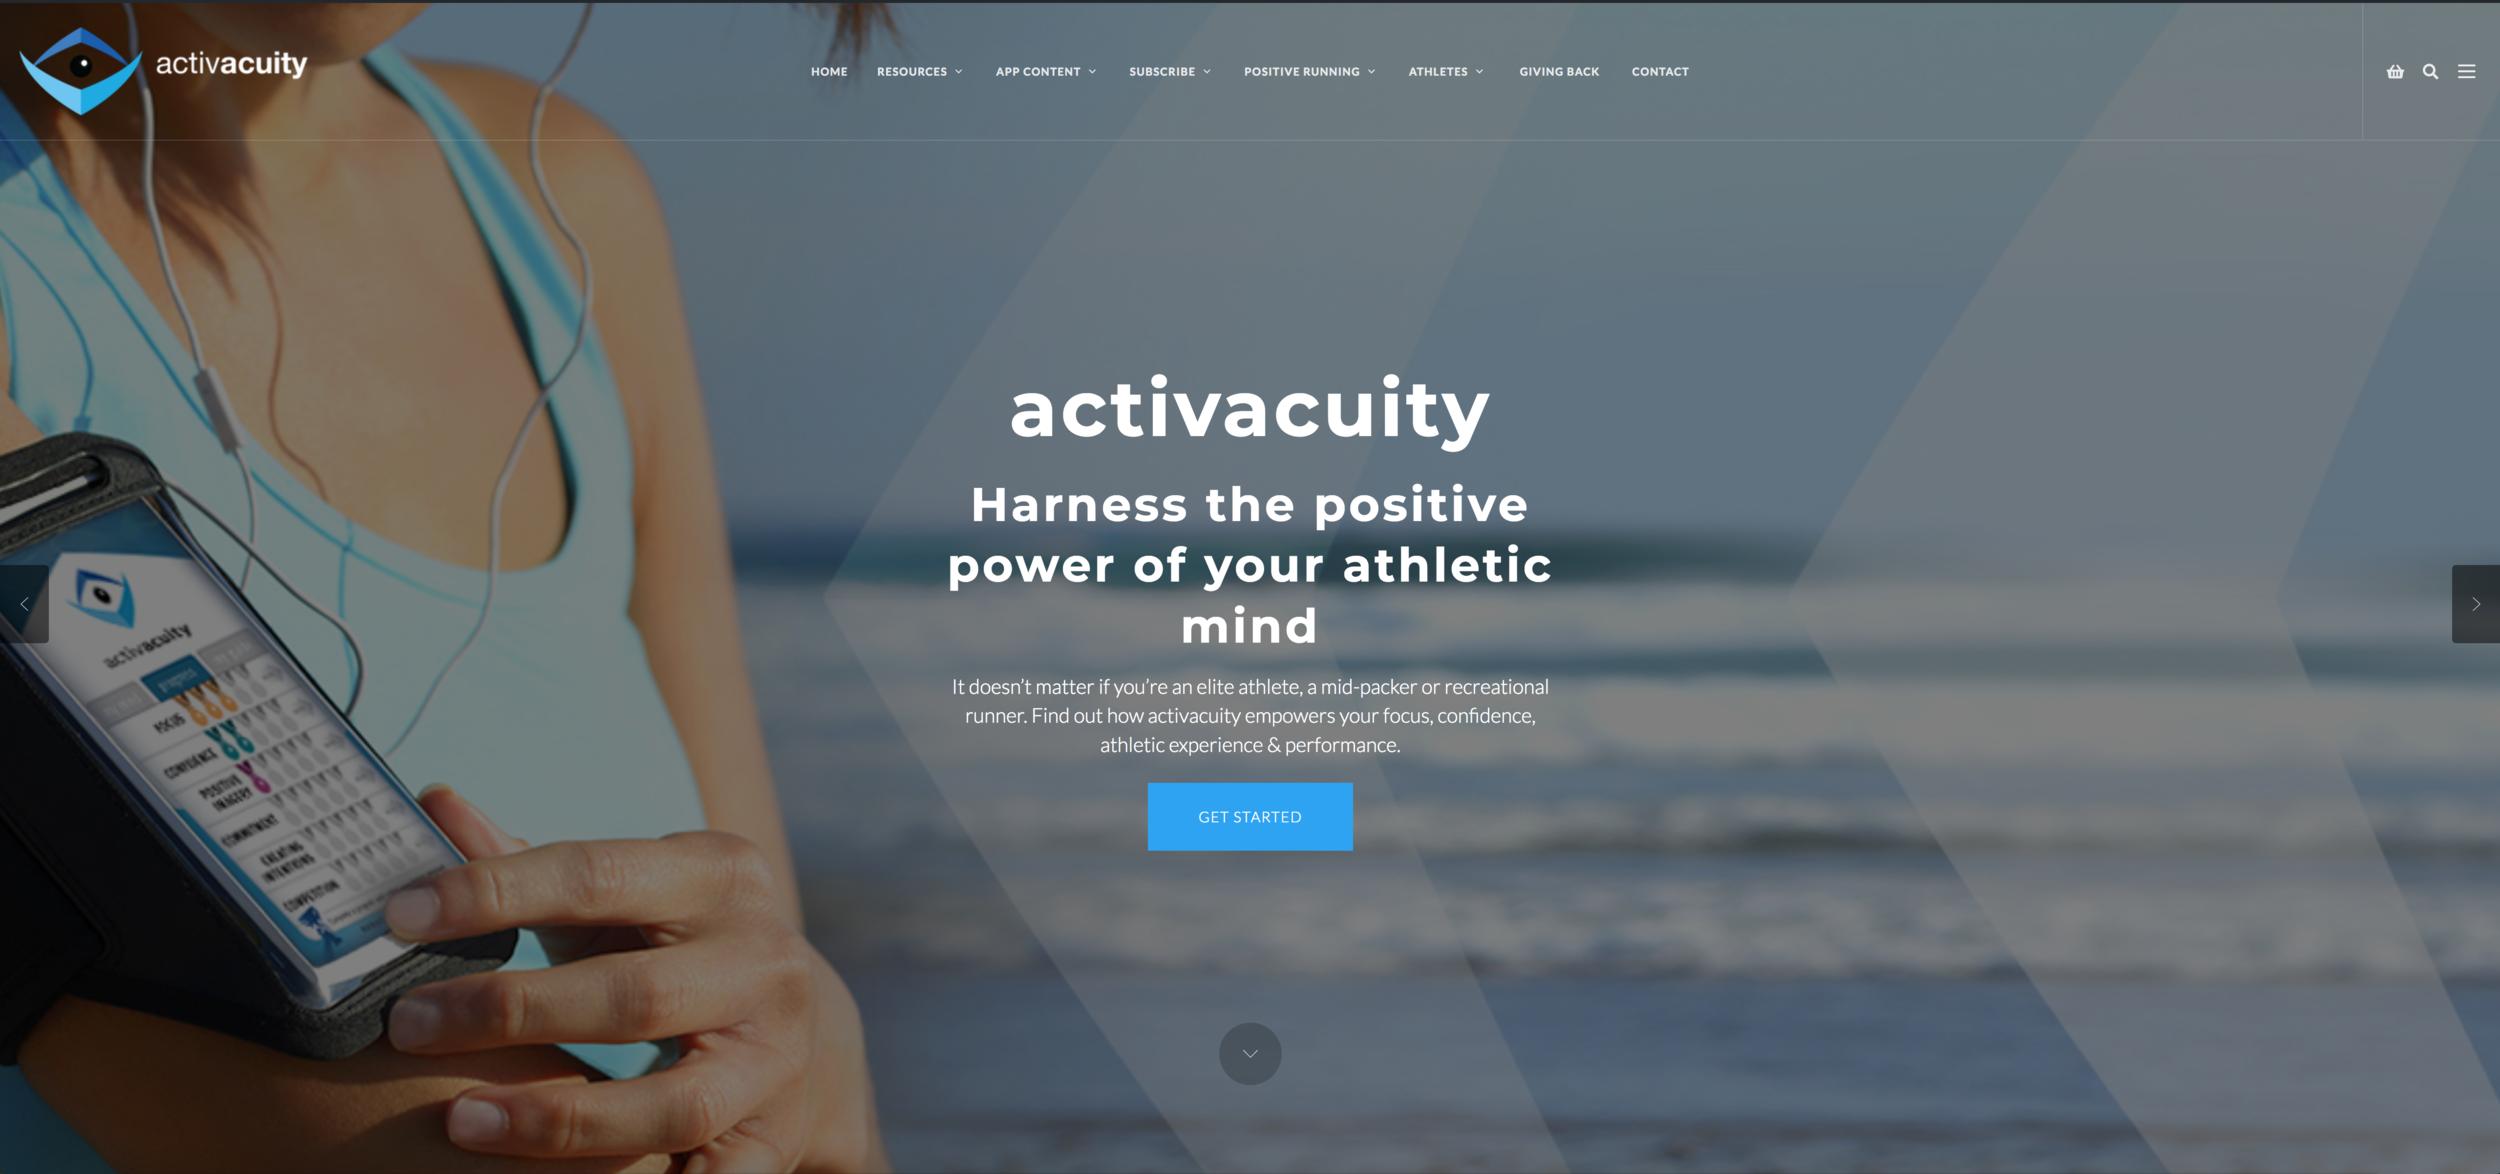 activacuity.jpg